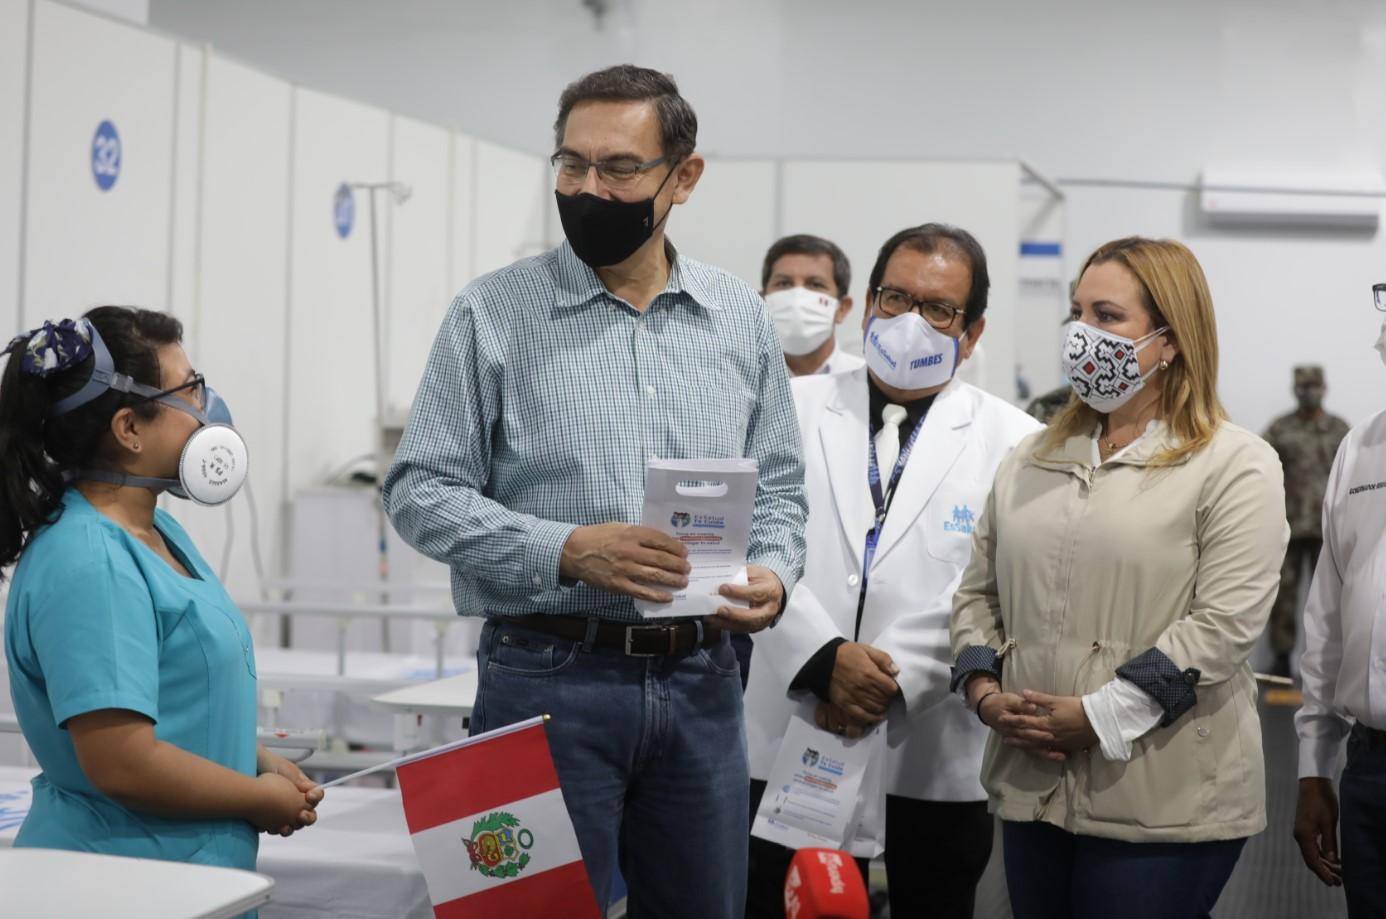 Essalud - Presidente Martín Vizcarra y Presidenta Ejecutiva Fiorella Molinelli ponen en marcha Villa EsSalud Tumbes con camas que utilizan concentradores que producen oxígeno ilimitado